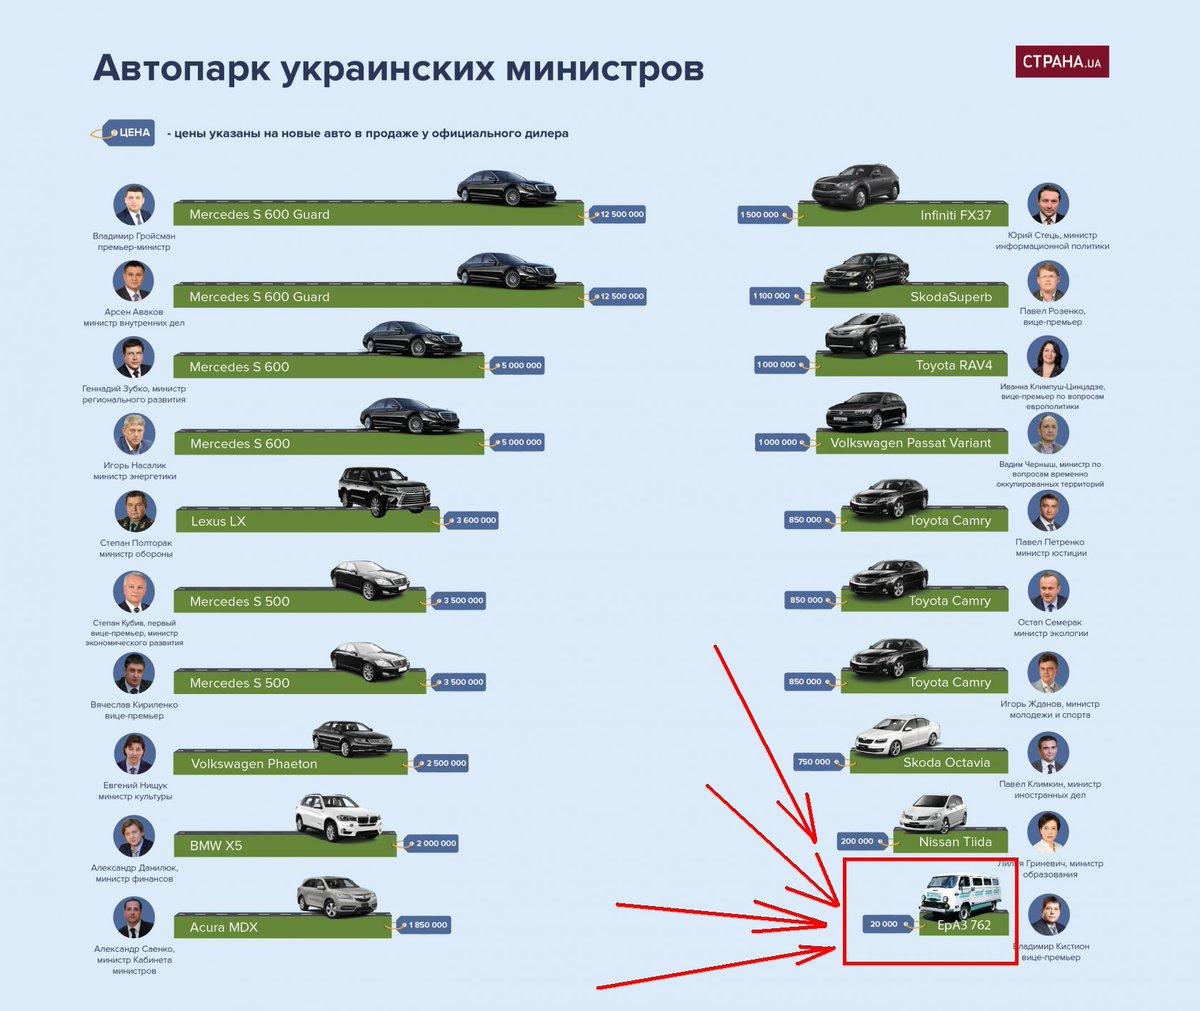 Для разведчиков 30-й ОМБ 1-го батальона, которые находятся на передней линии обороны, нужна машина, - волонтер Юлия Толмачева - Цензор.НЕТ 1100